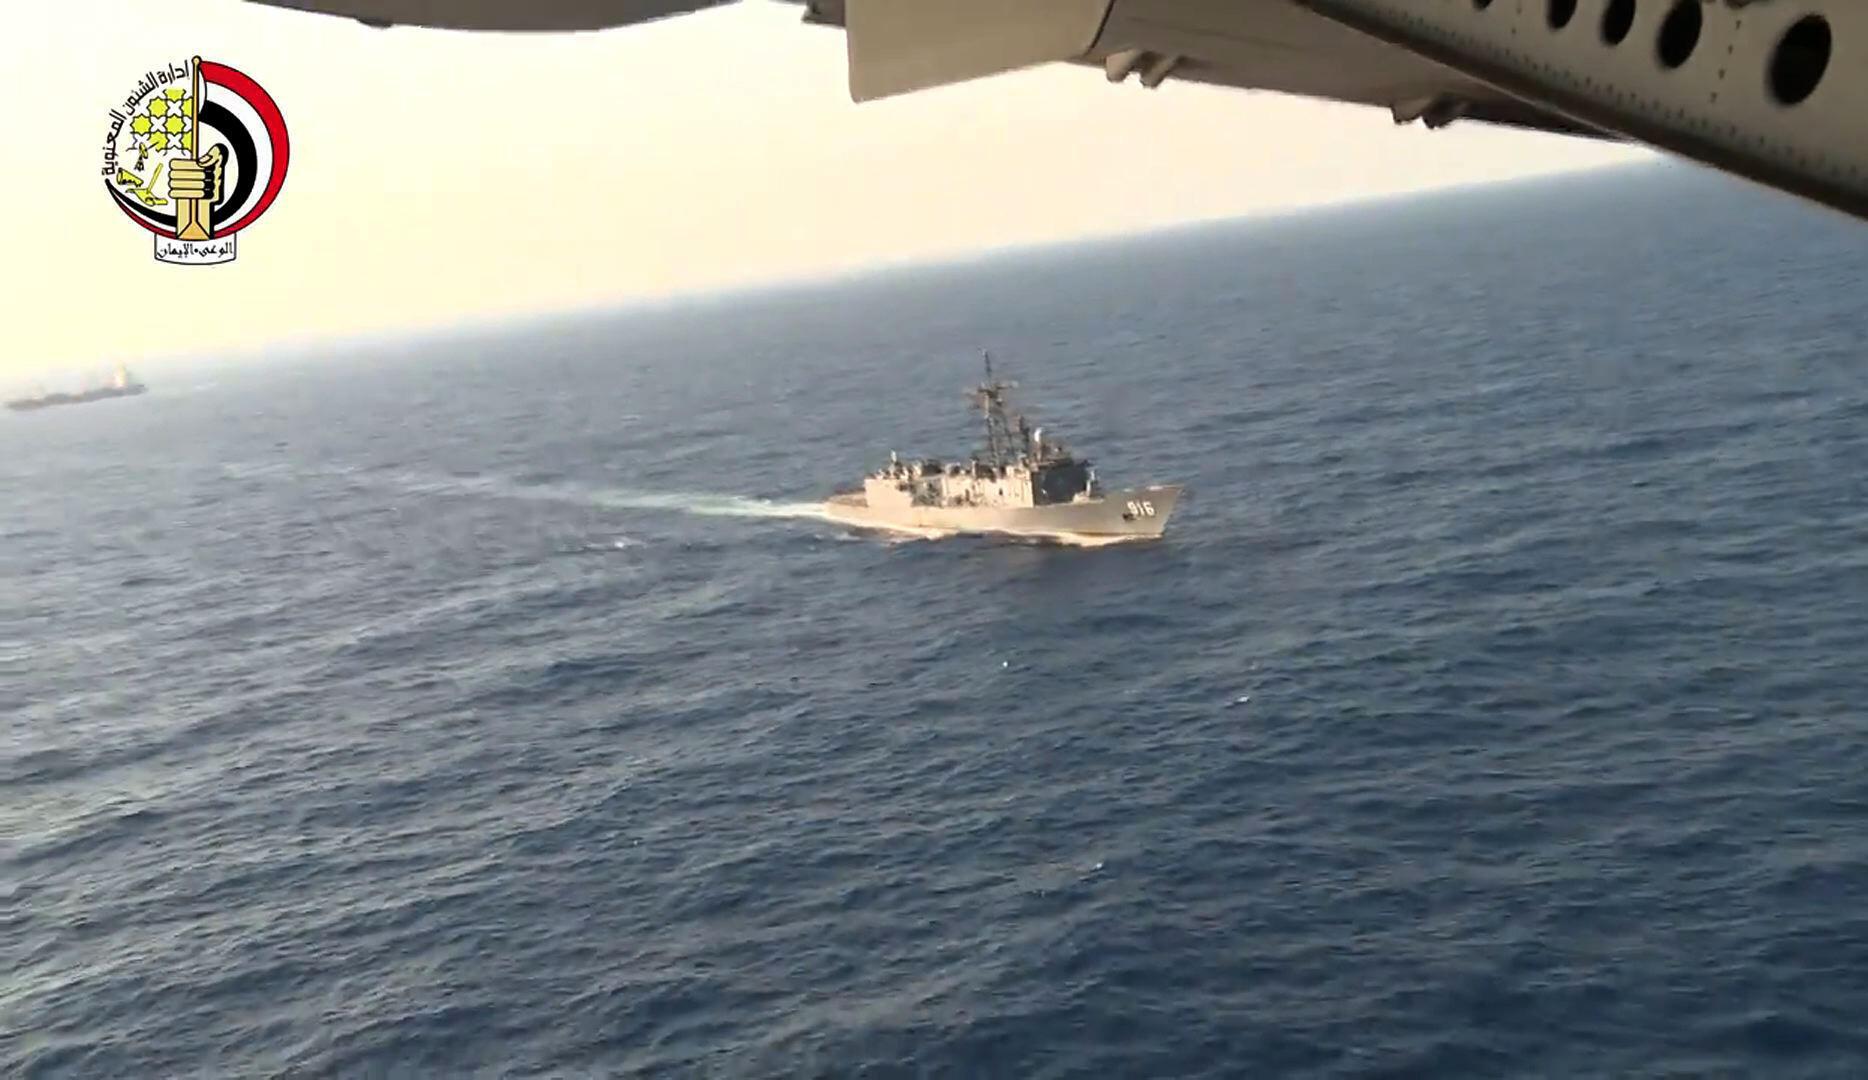 Ai Cập huy động phi cơ và tàu hải quân tìm kiếm xác chiếc máy bay A320 của EgyptAir, ngày 20/05/2016.